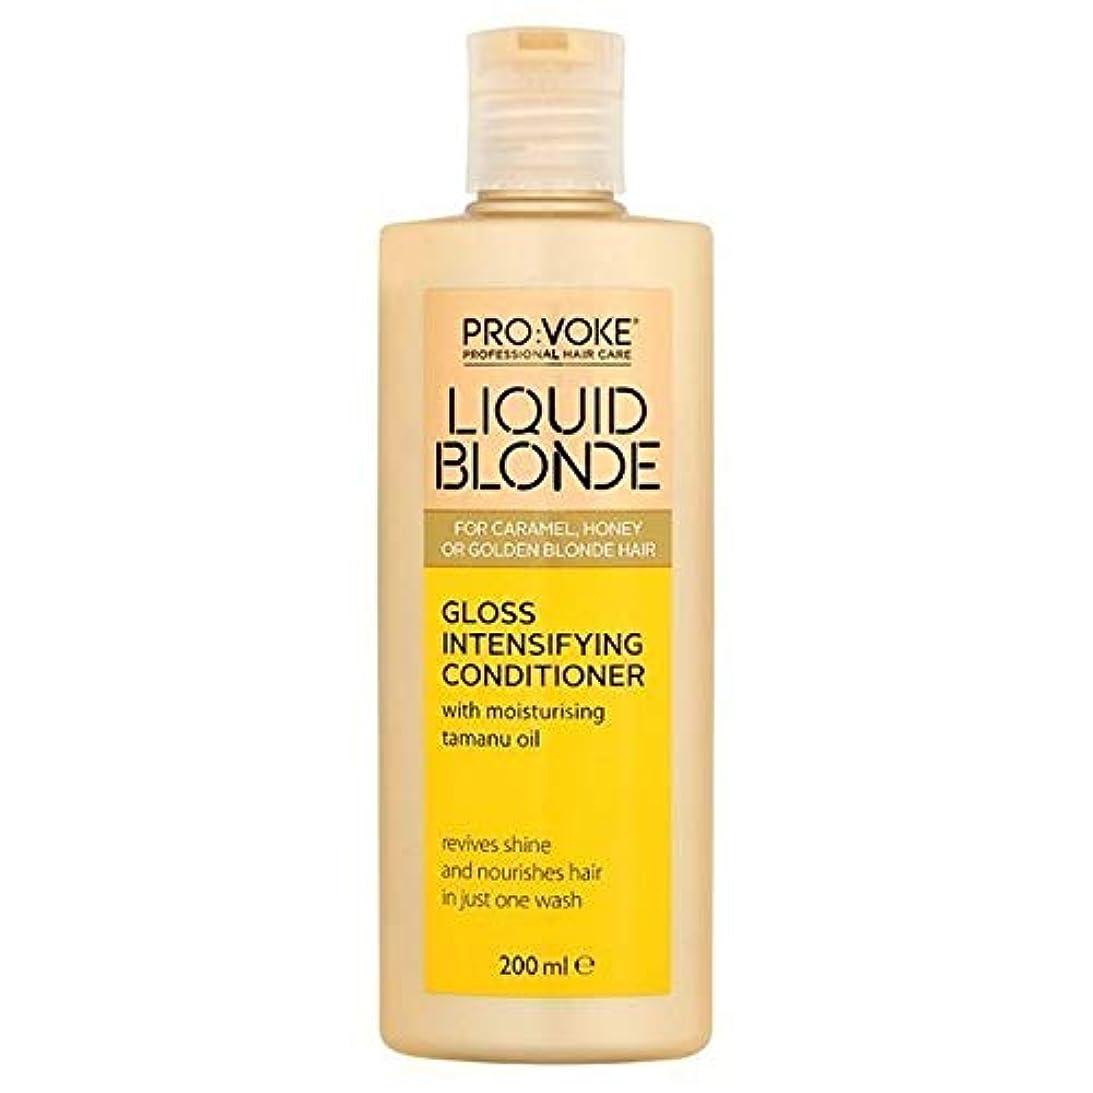 持続的ケニア温室[Pro:Voke] プロ:Voke液体ブロンド強烈な輝きコンディショナー - PRO:VOKE Liquid Blonde Intense Shine Conditioner [並行輸入品]